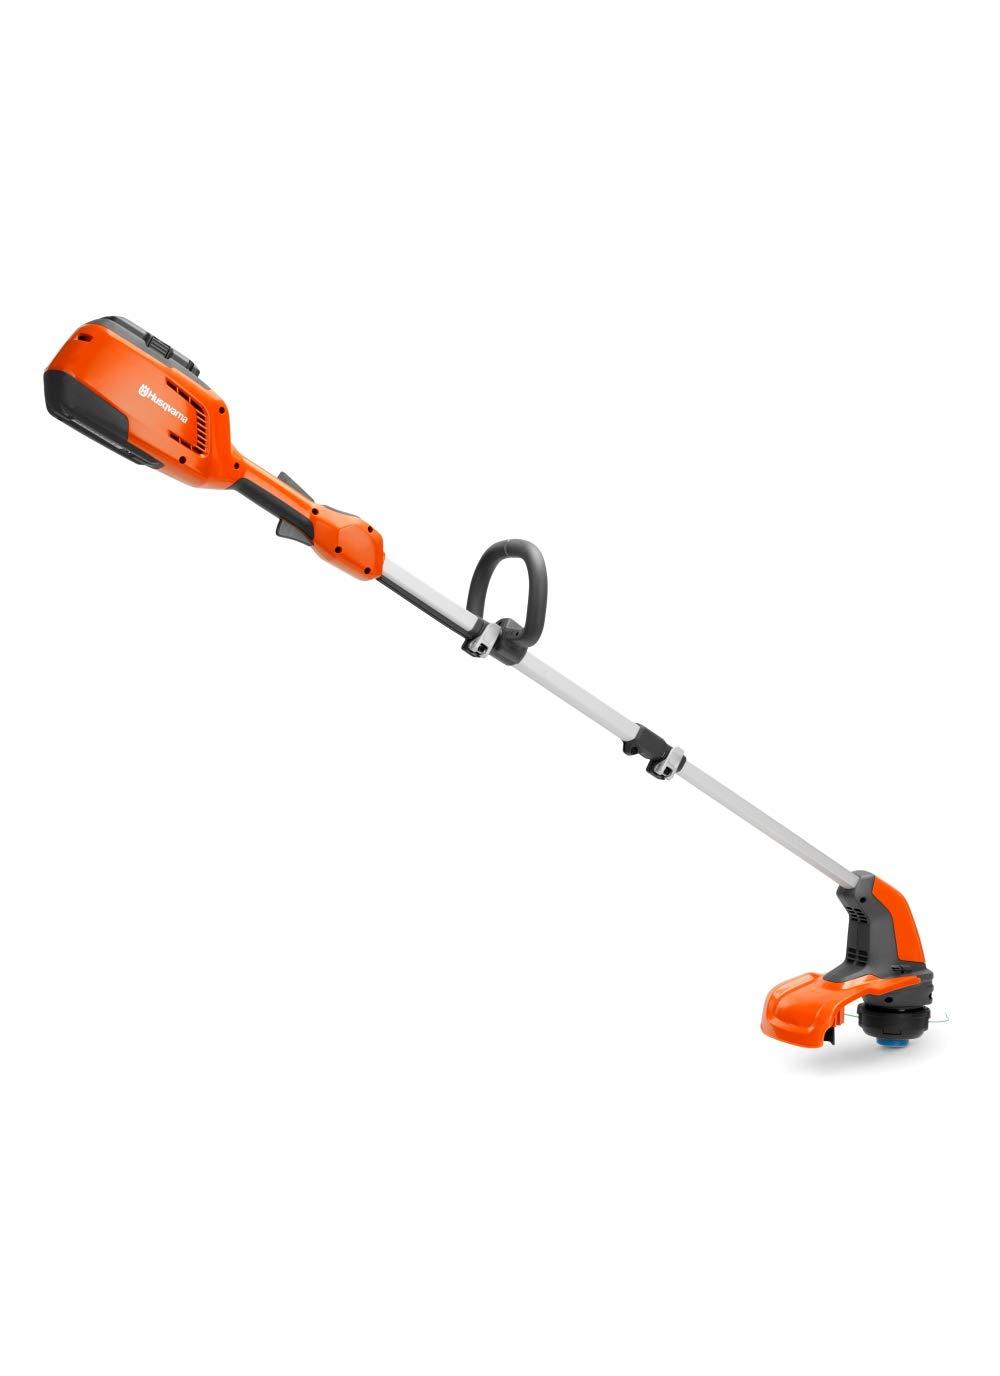 Husqvarna 115iL Gris, Naranja Batería - Cortacésped (D-loop handle ...